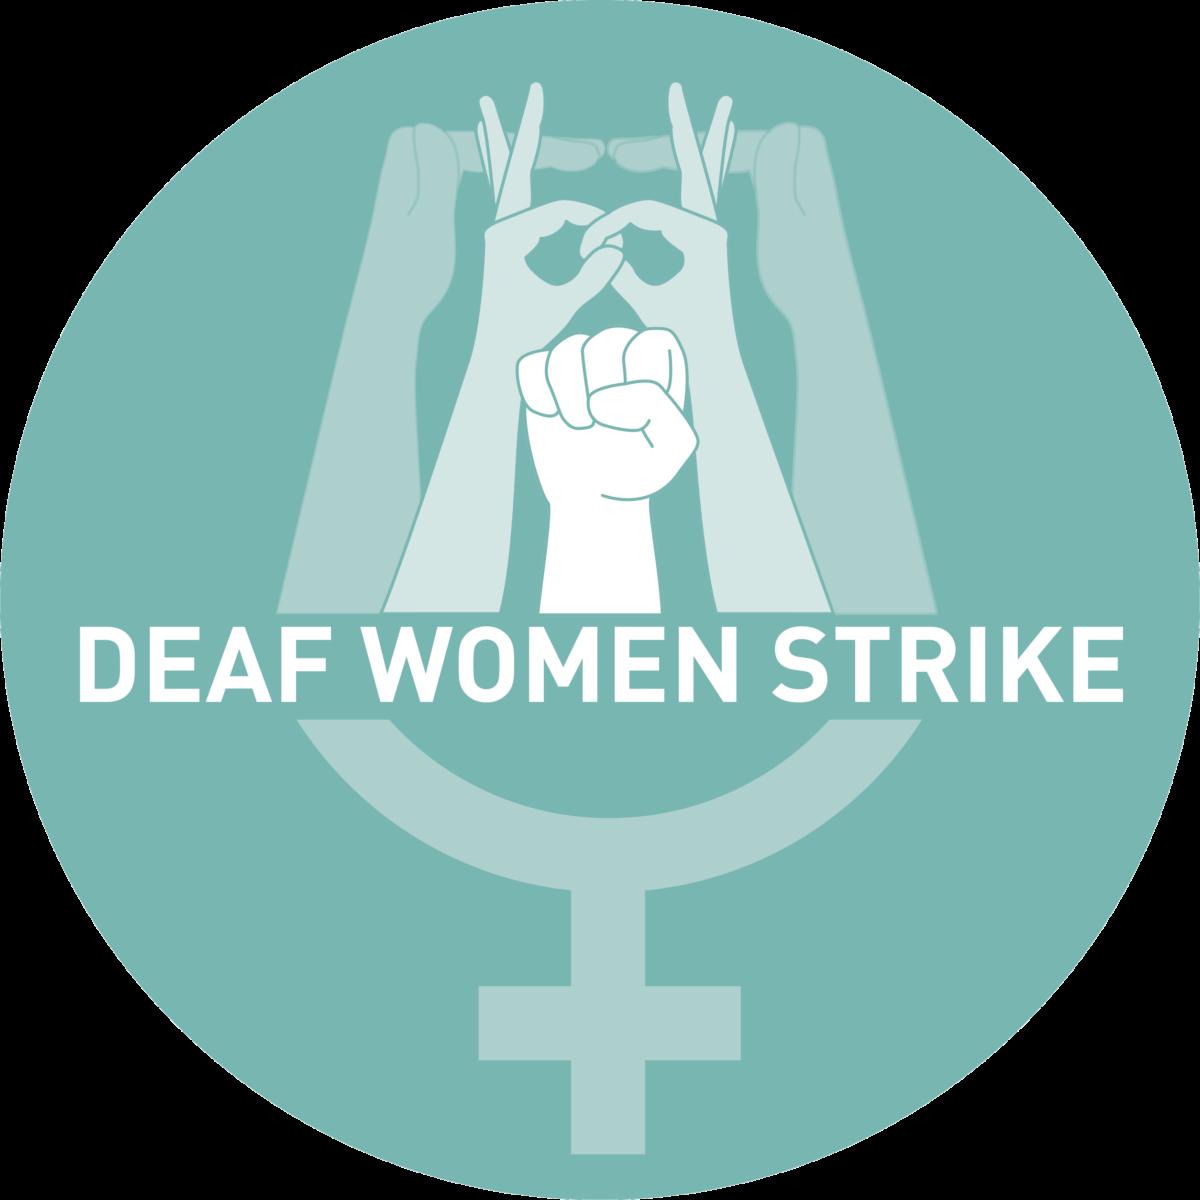 """Venussymbol auf türkisme Hintergrund davor steht """"Deaf Women Strike"""" und darüber sind drei Gebärden abgebildet"""